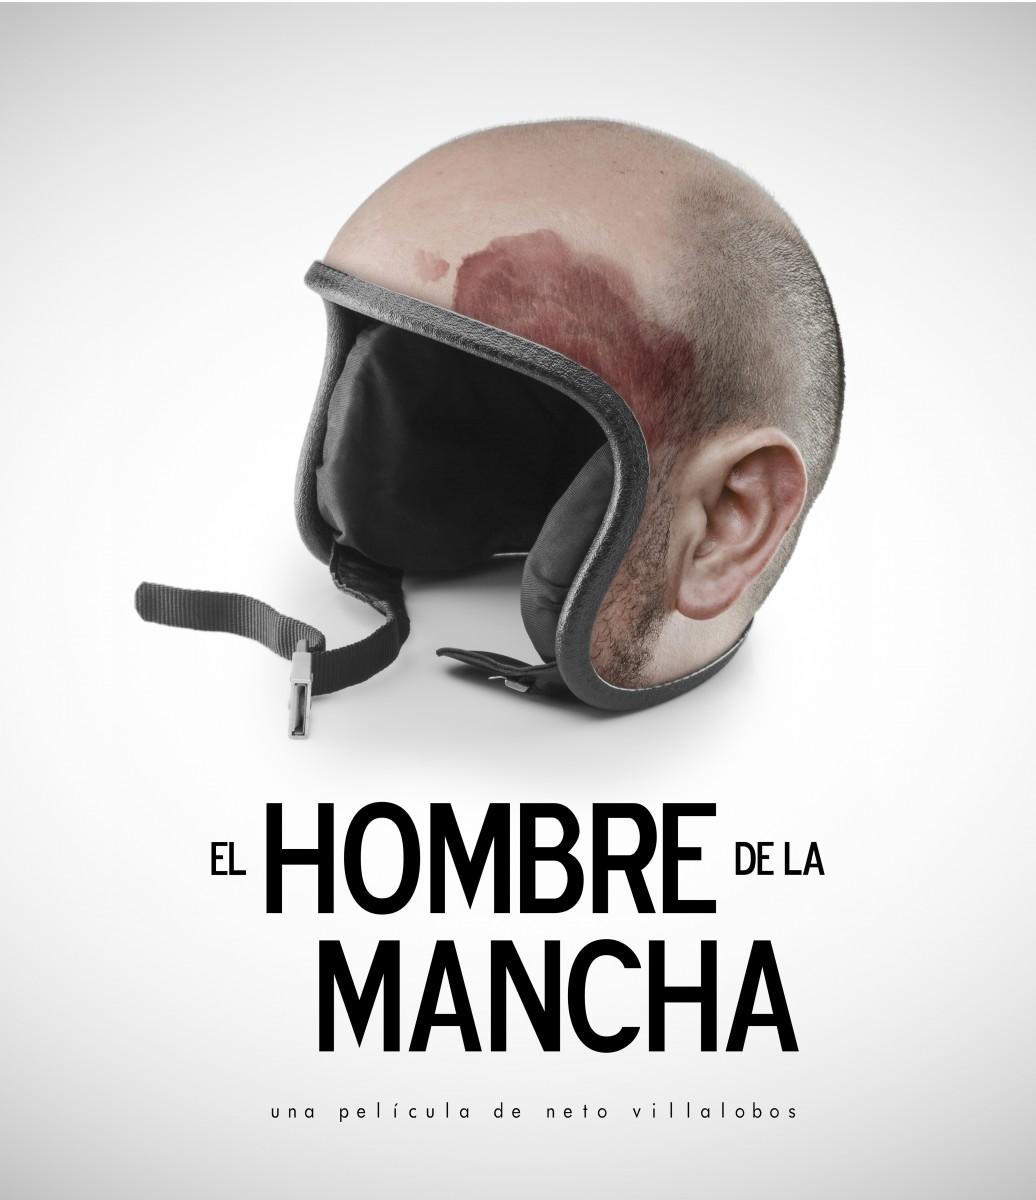 Picture - El hombre de la mancha